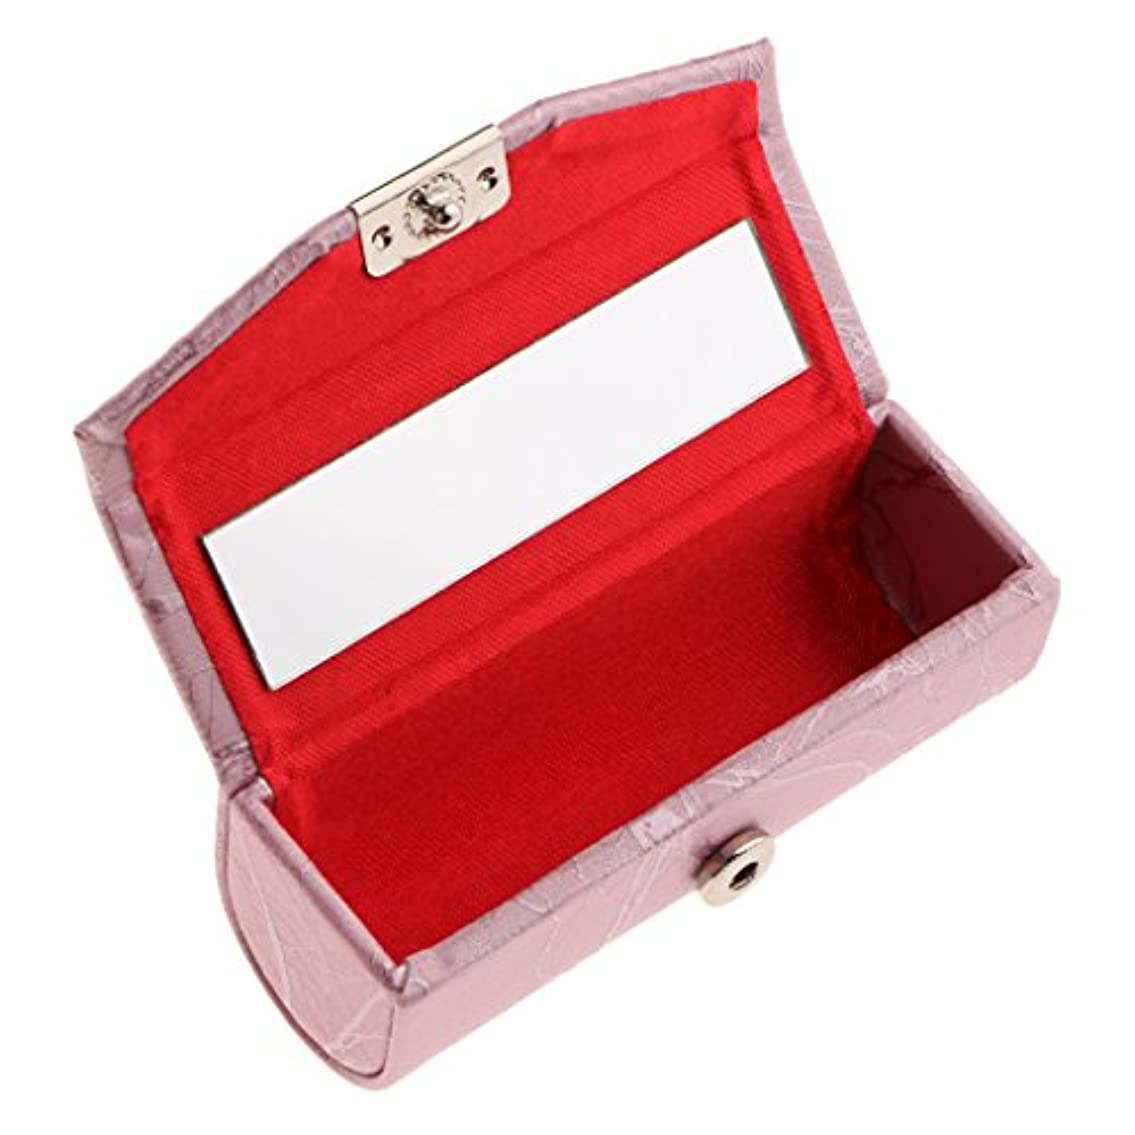 アスレチック下向きスチュアート島Blesiya リップスティックケース ミラー付き レザー リップスティック リップグロスケース 収納ボックス メイクホルダー 多色選べる - ピンク